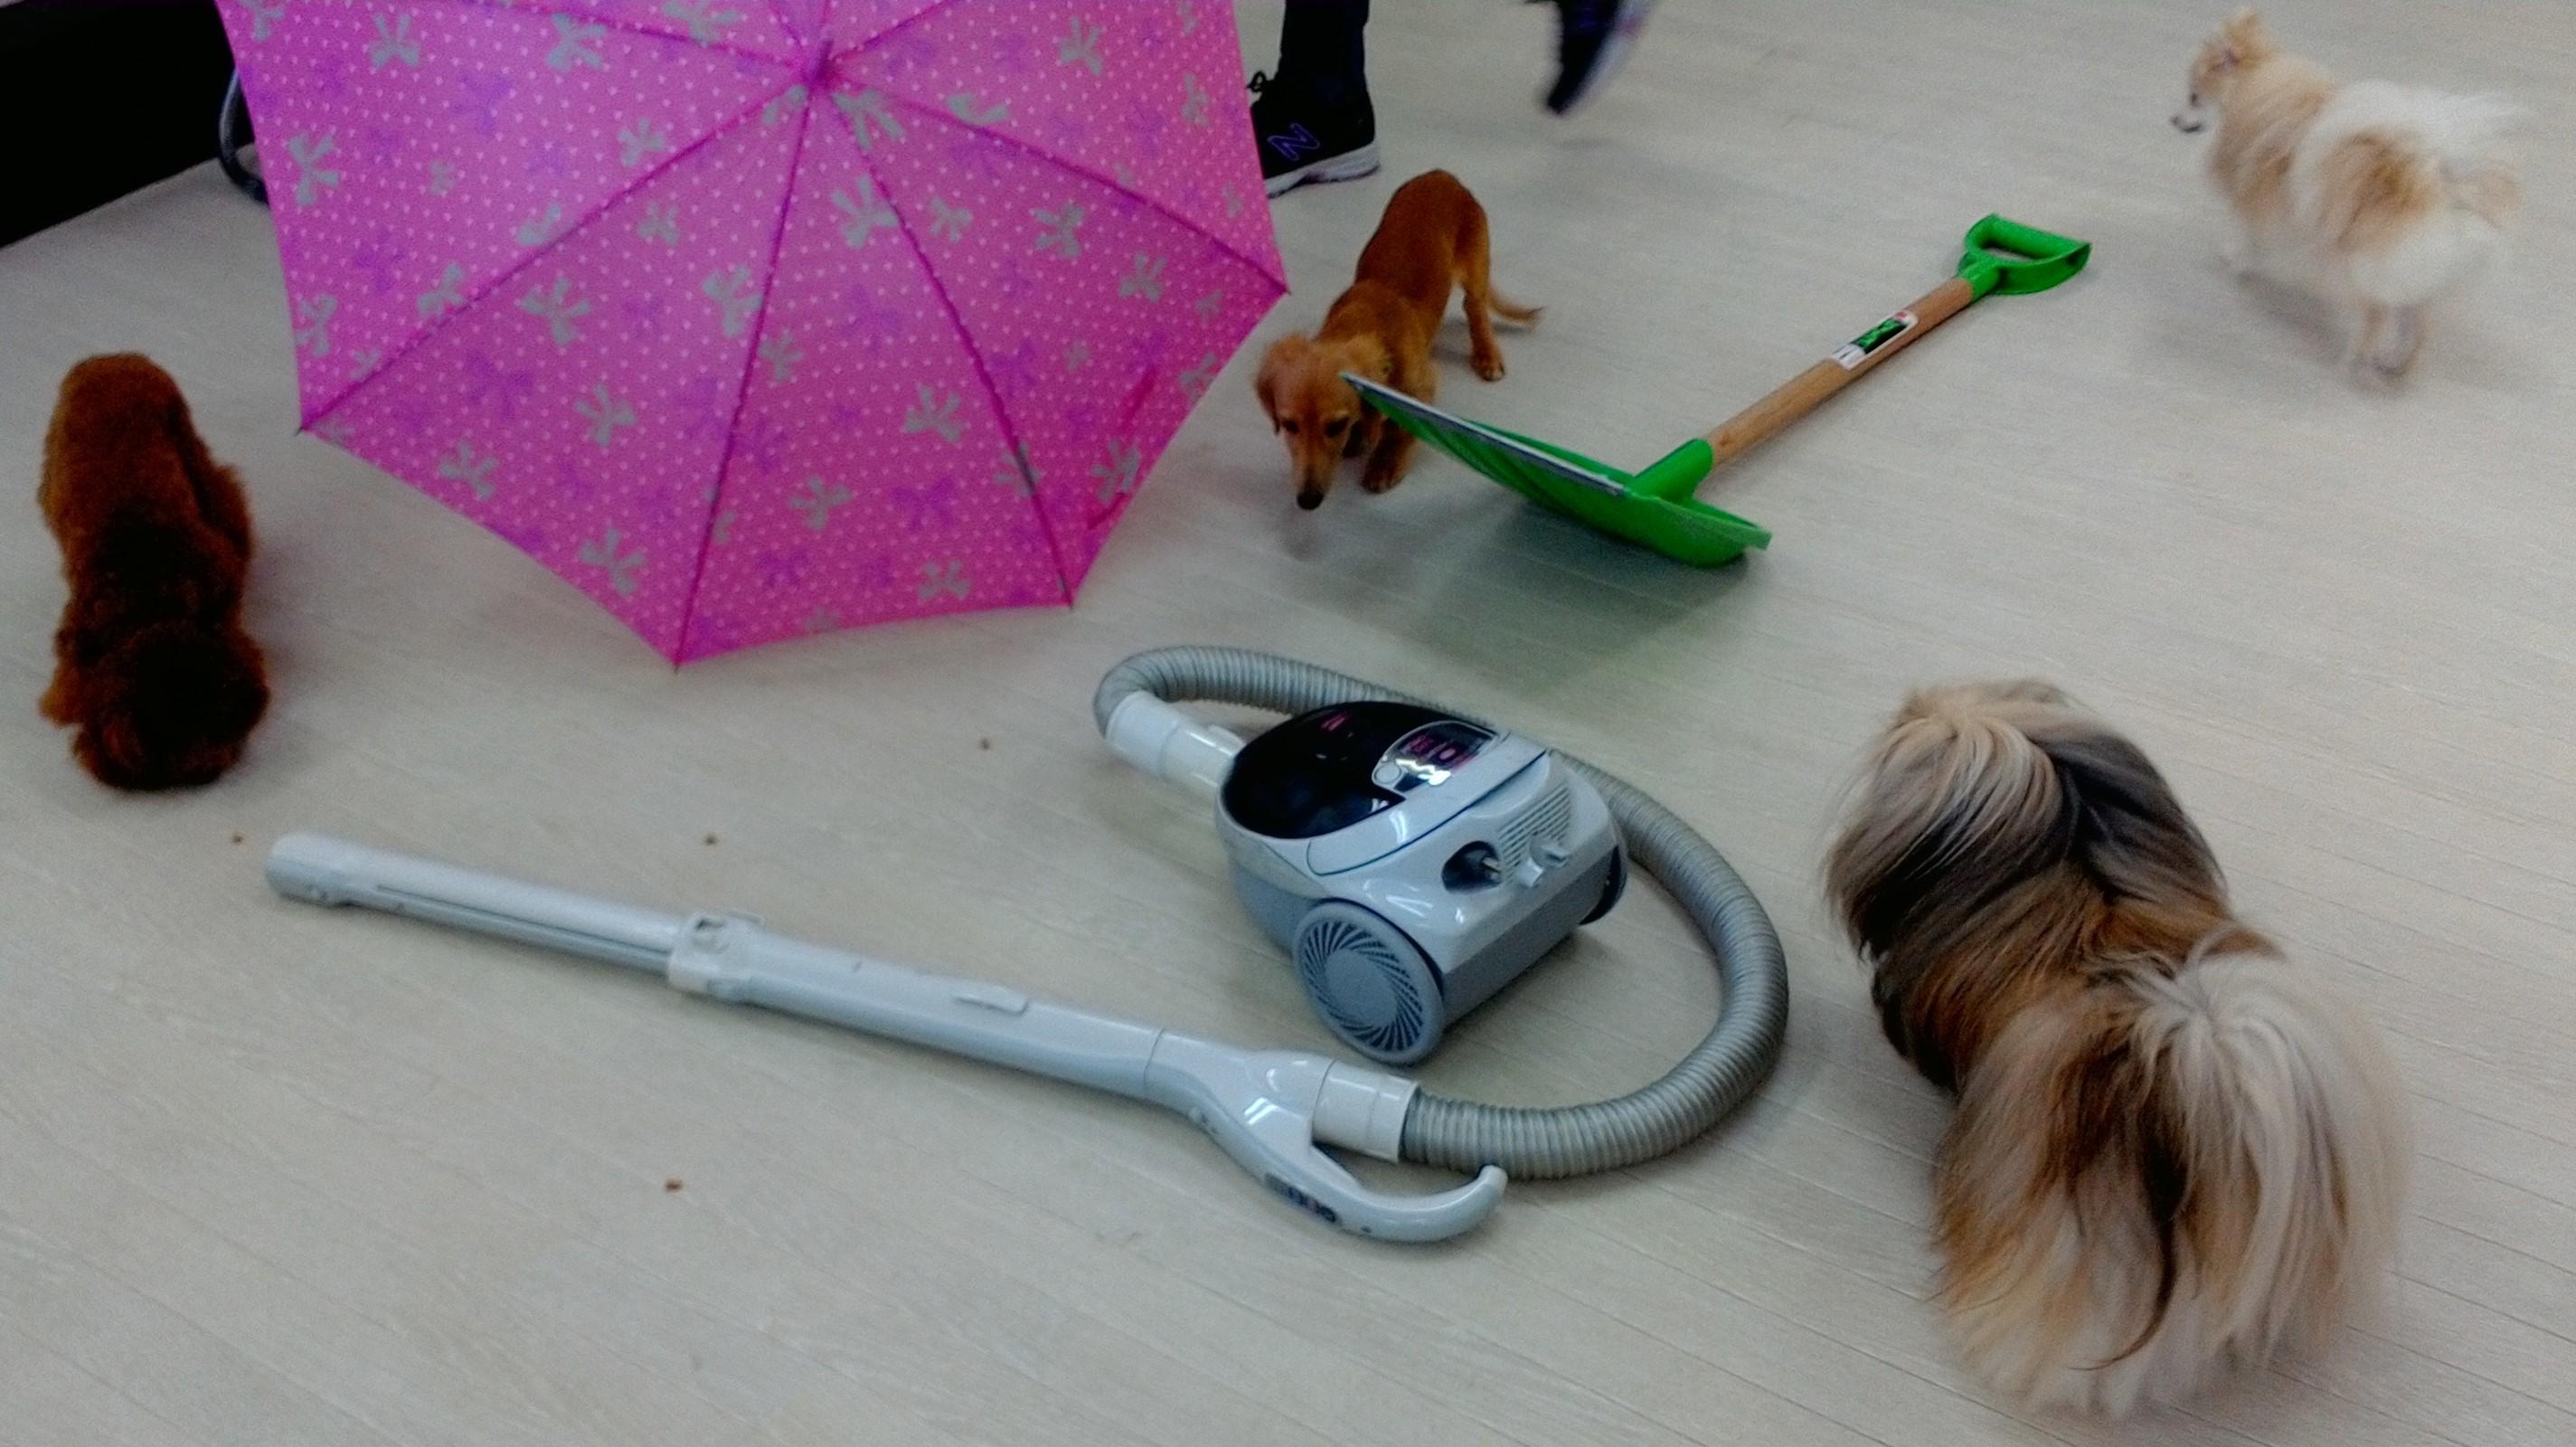 傘・掃除機・スコップへの社会化